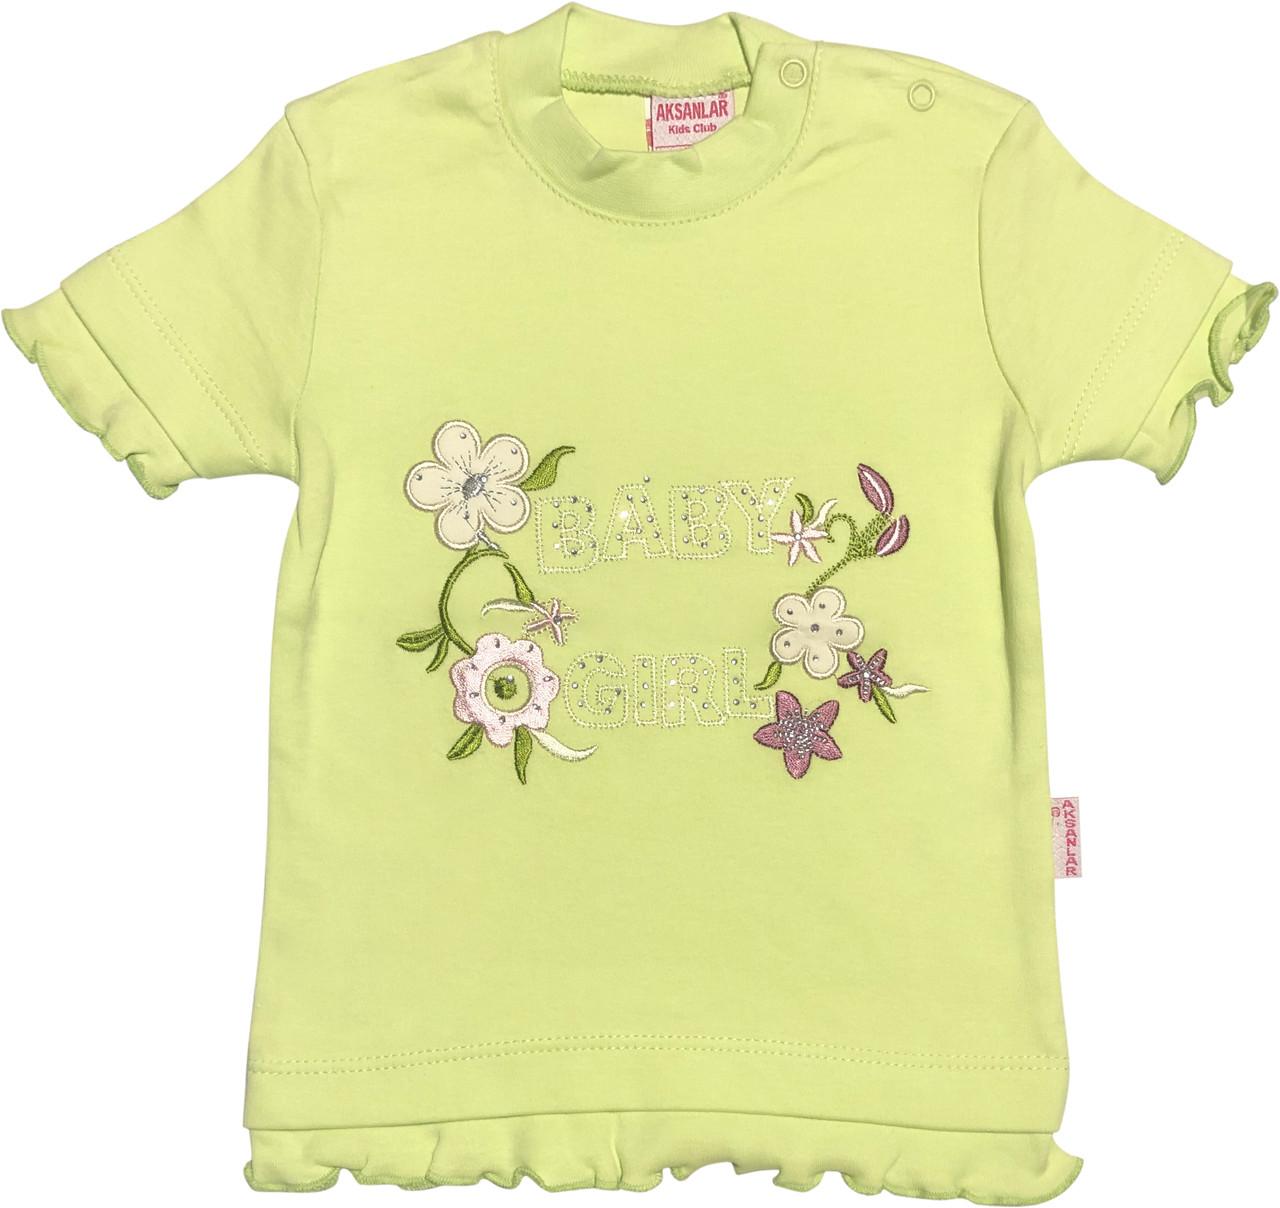 Детская футболка на девочку рост 86 1-1,5 года для новорожденных малышей красивая нарядная трикотаж салатовая